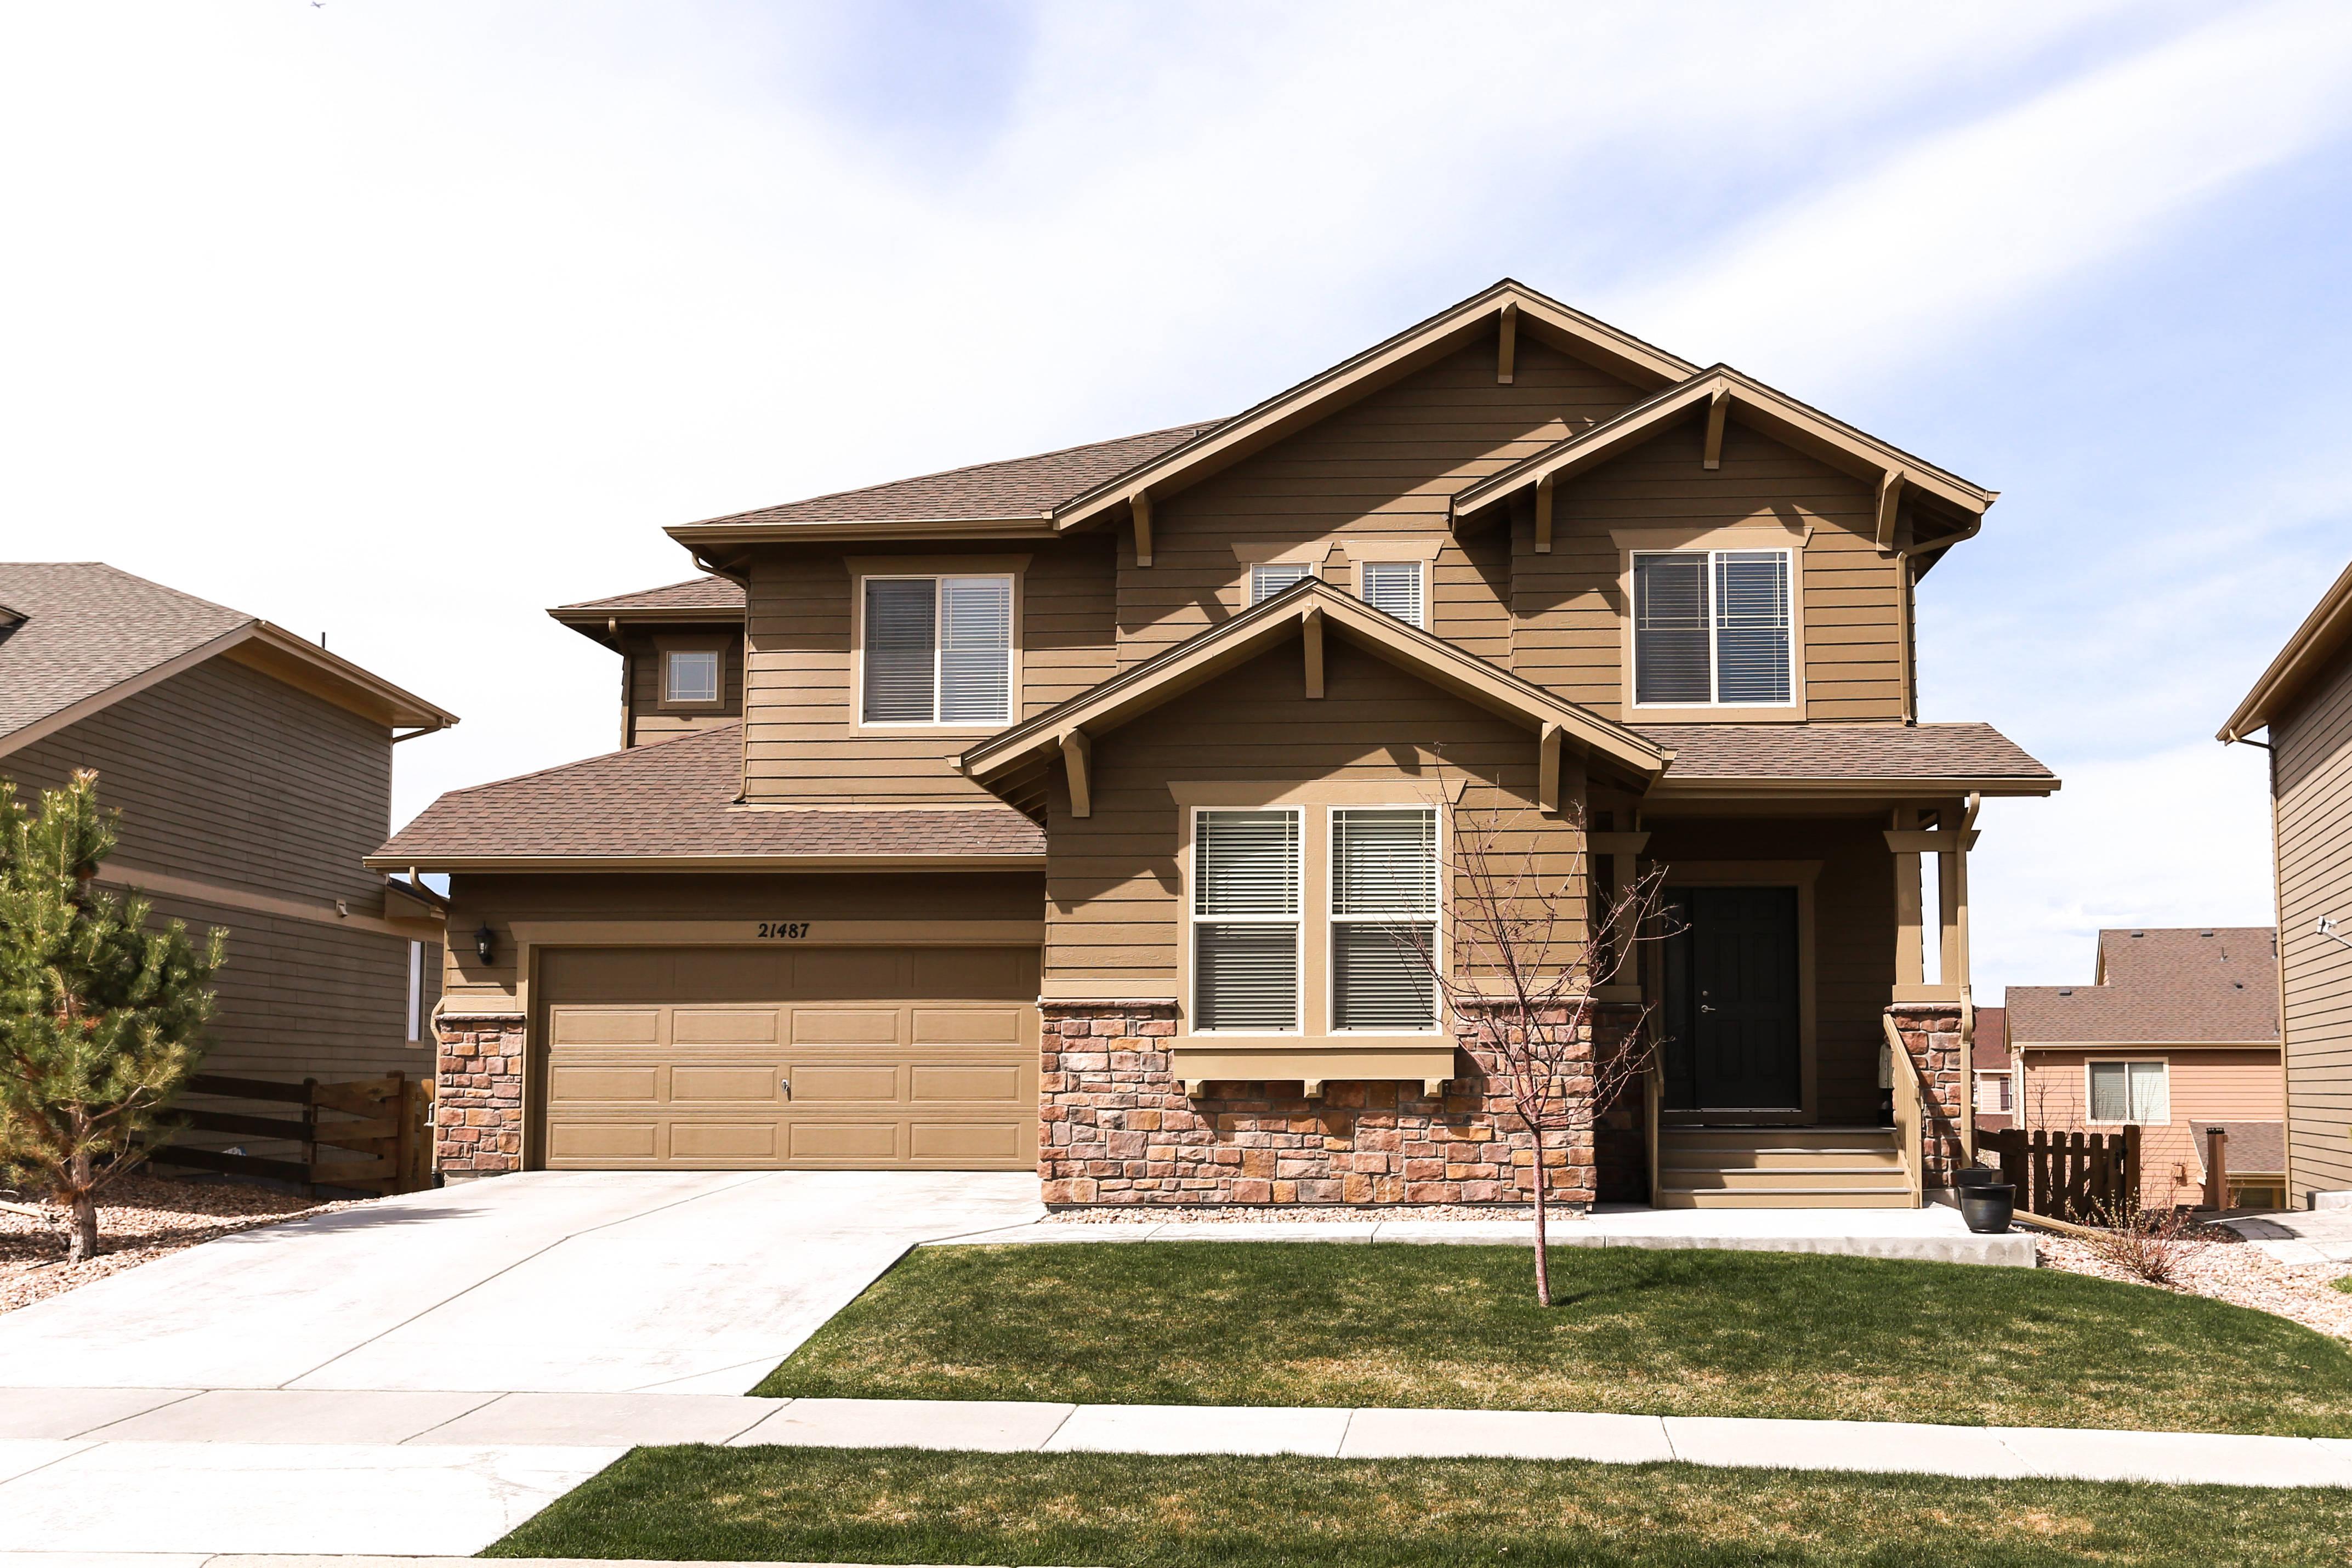 Montclair Denver Co Home For Sale Denver Co Neighborhoods